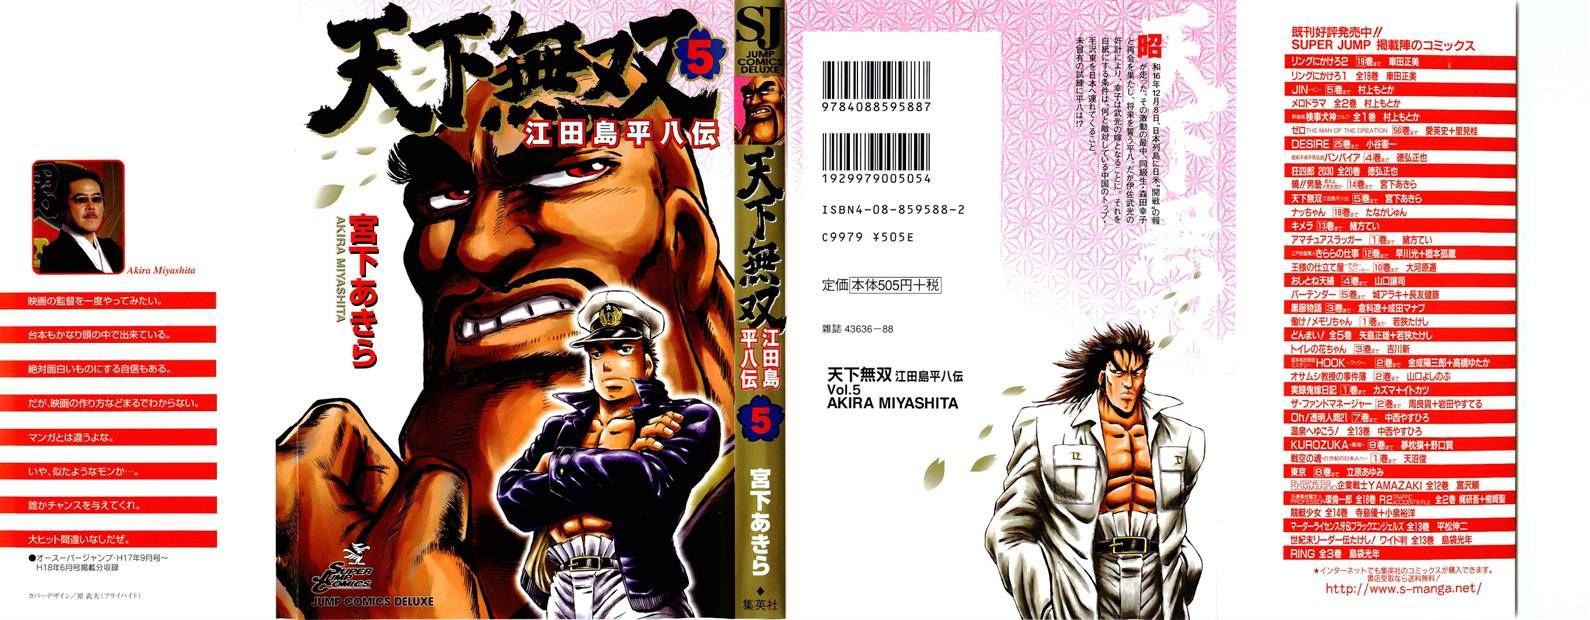 Tenkamusou Edajima Hirayatsuden 25 Page 1